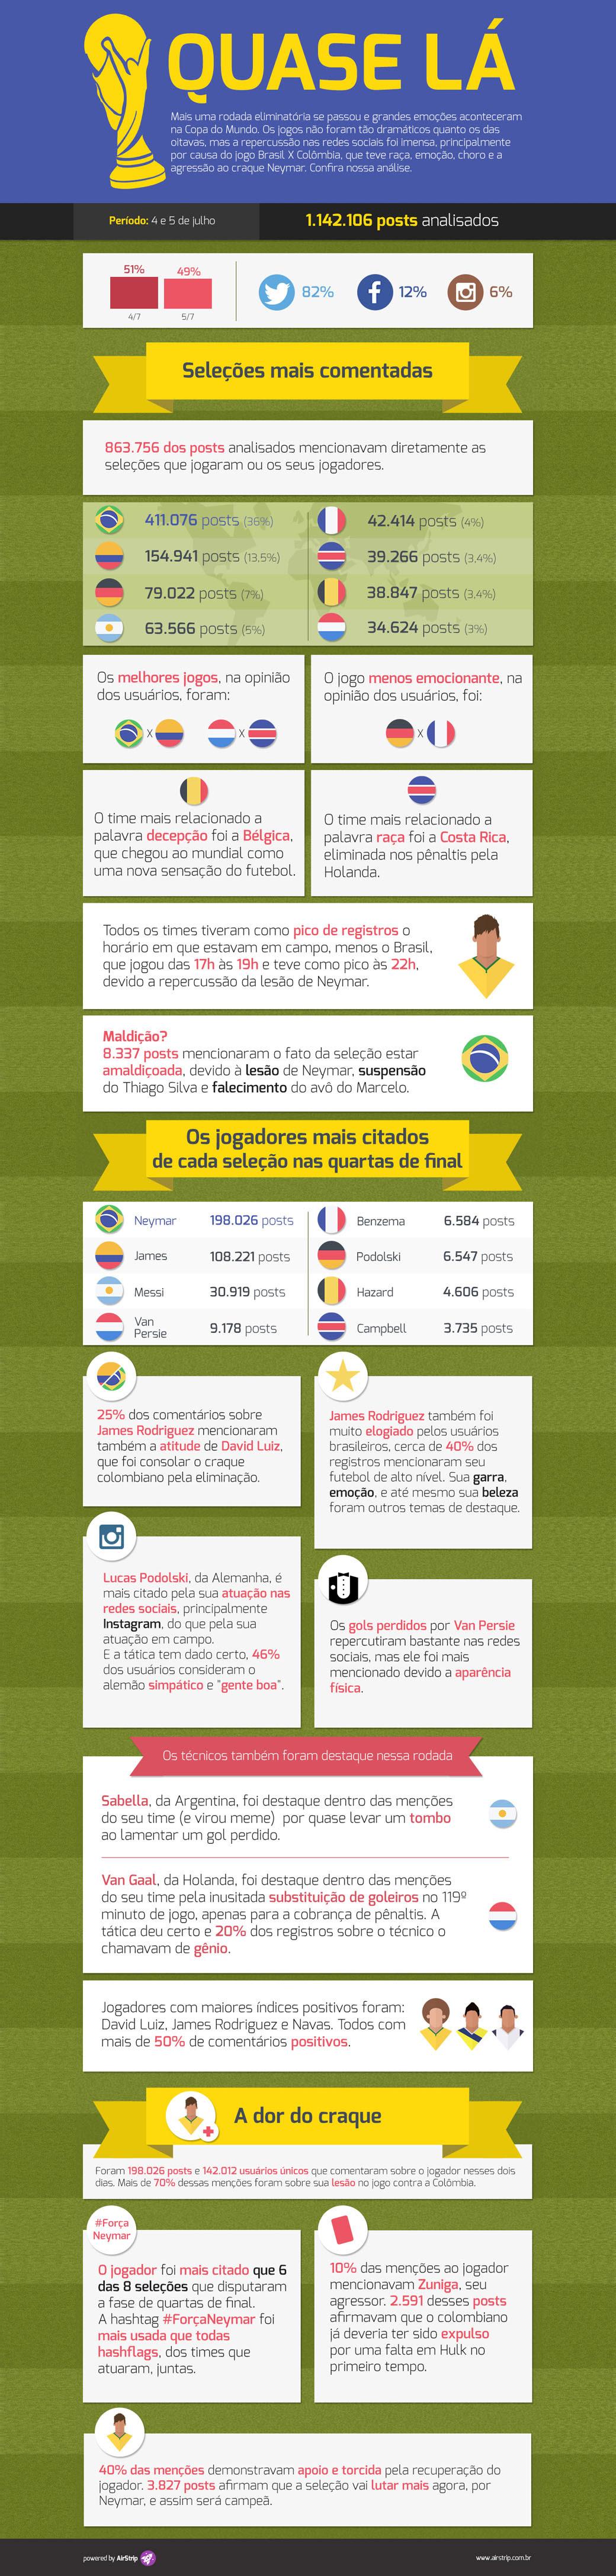 Infográfico mostra quartas-de-final da Copa em números nas redes sociais